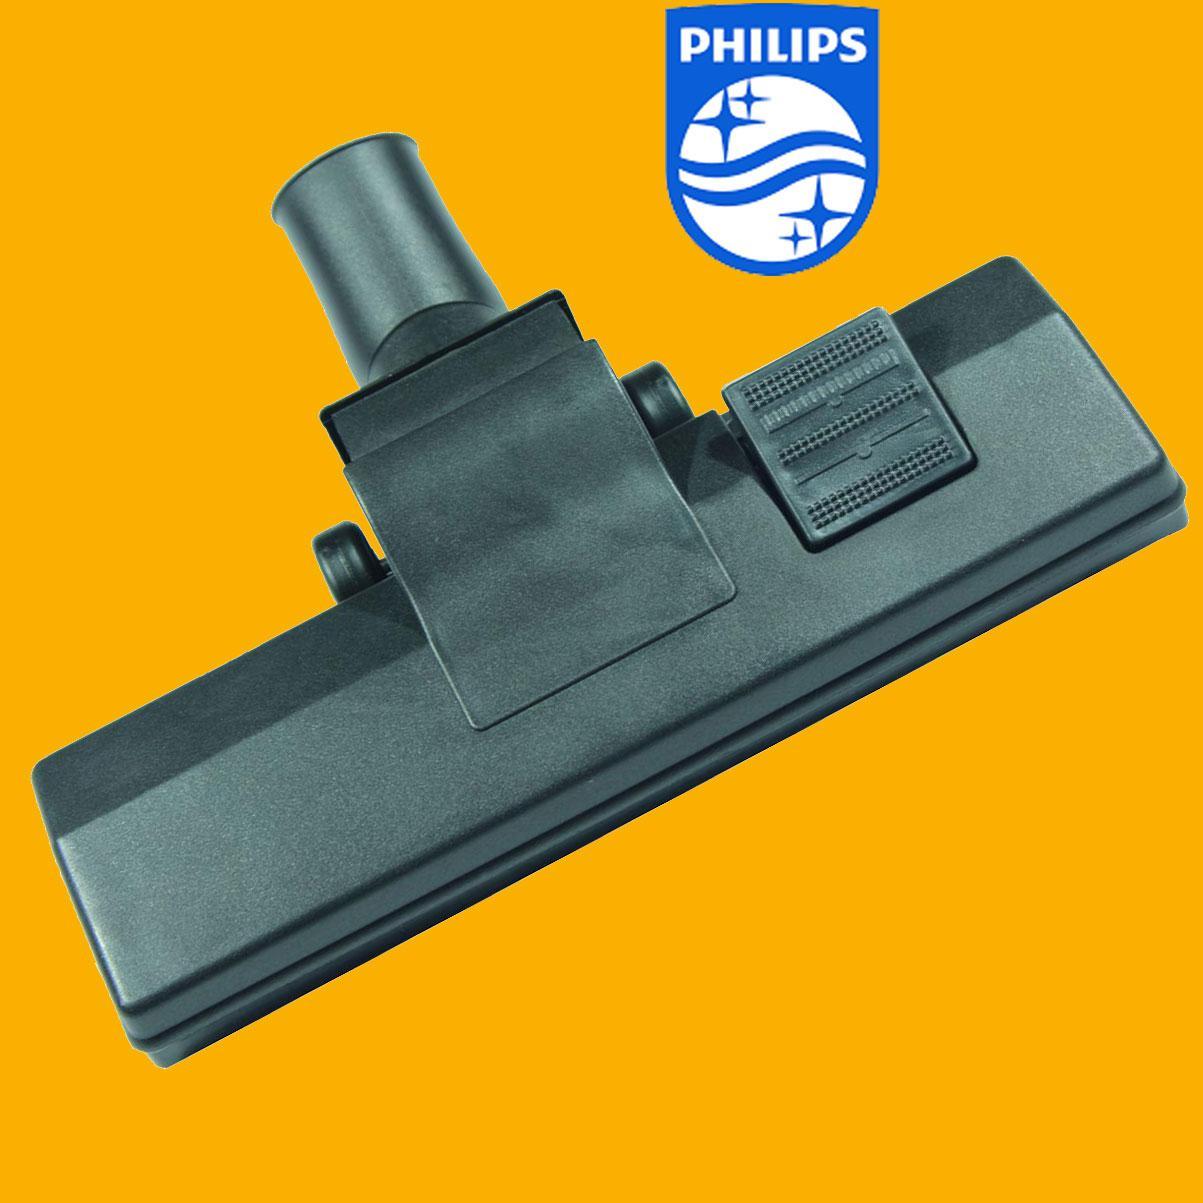 Щетка для пылесоса Philips под трубу